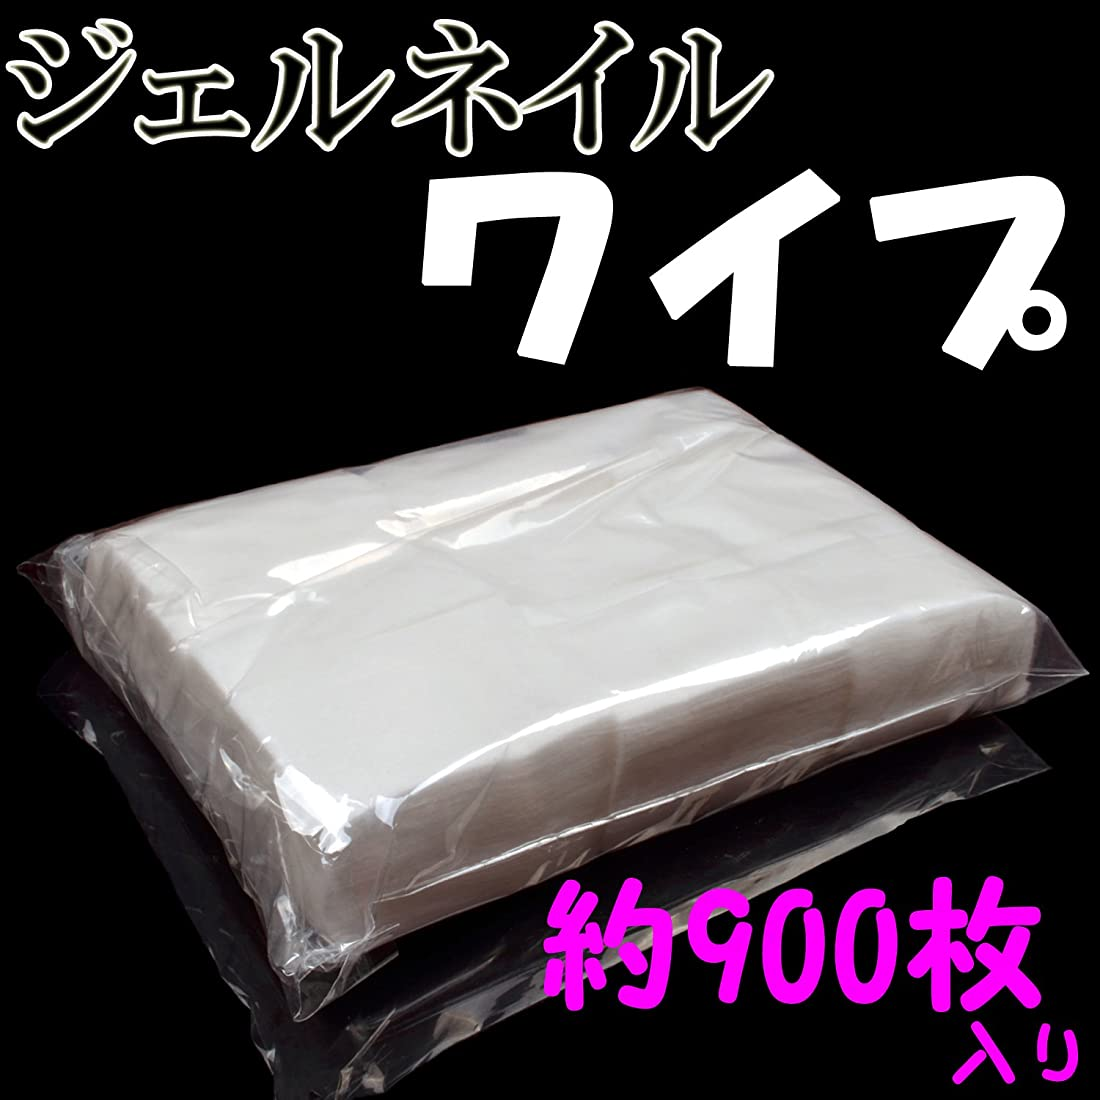 ドキュメンタリー体細胞歯ジェルネイル ワイプ コットン 約900枚 未硬化ジェルの拭き取りに (ソフトタイプ)